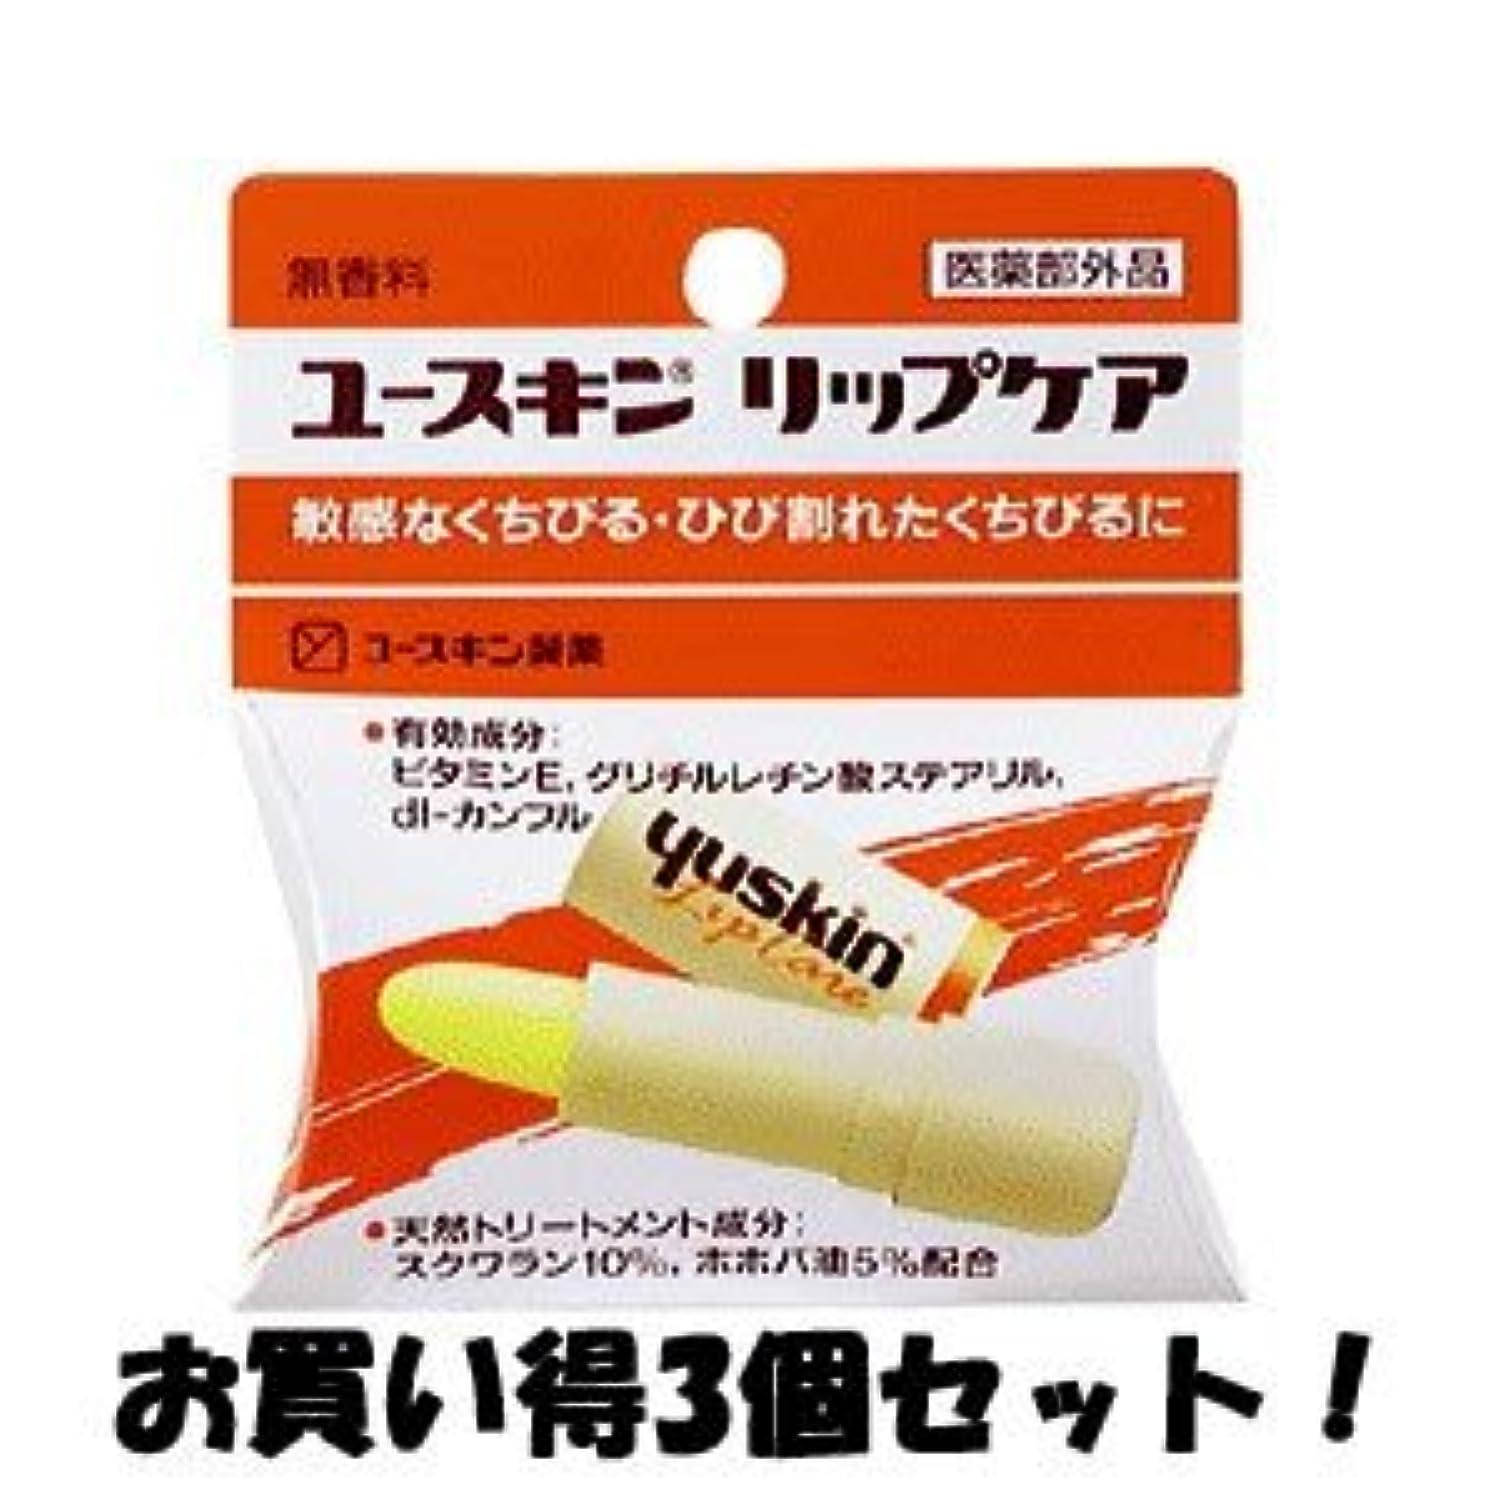 画像百万クリケット(ユースキン製薬)ユースキン リップケア 3.5g(医薬部外品)(お買い得3個セット)